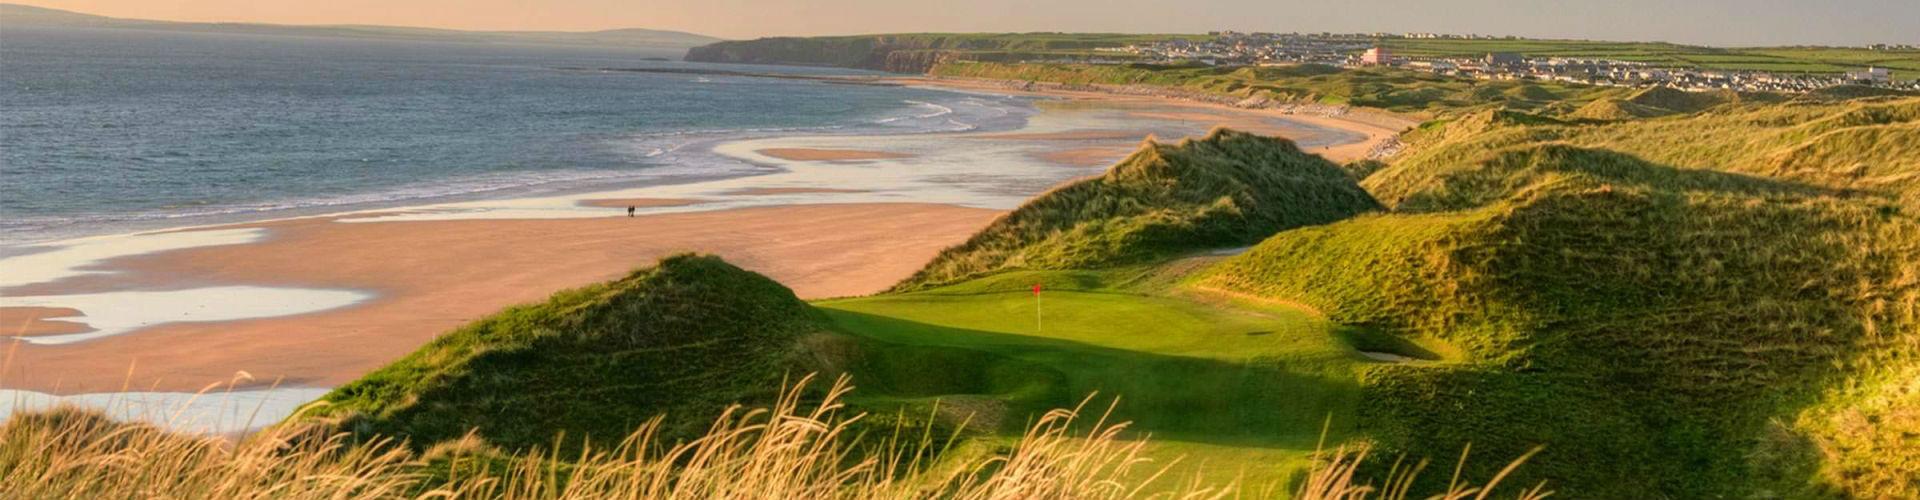 Golfresor Irland - golfreseguiden.se